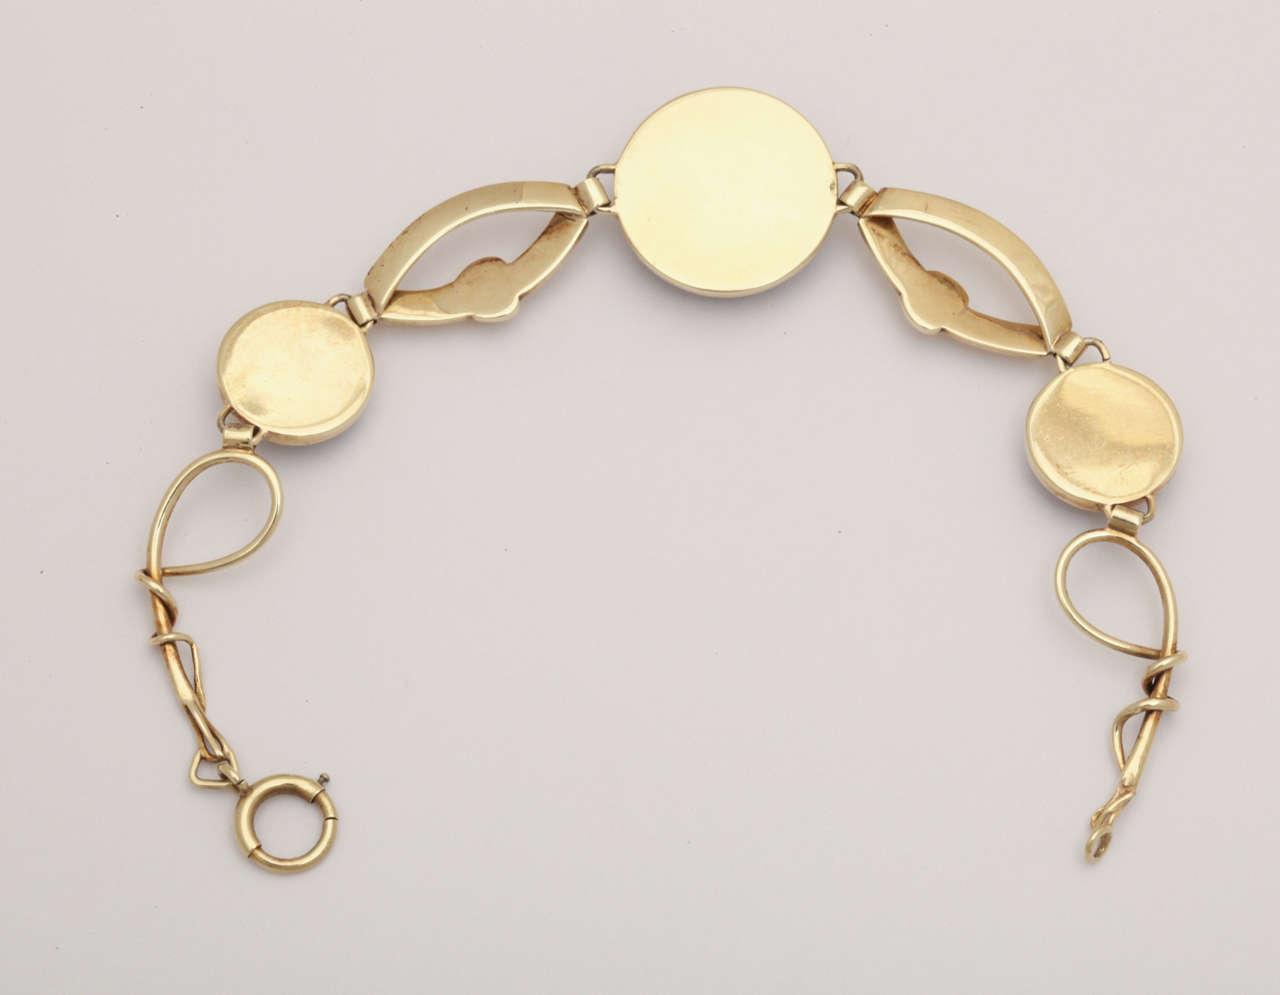 Hunting Dog Reverse Crystal Intaglio Bracelet For Sale 2